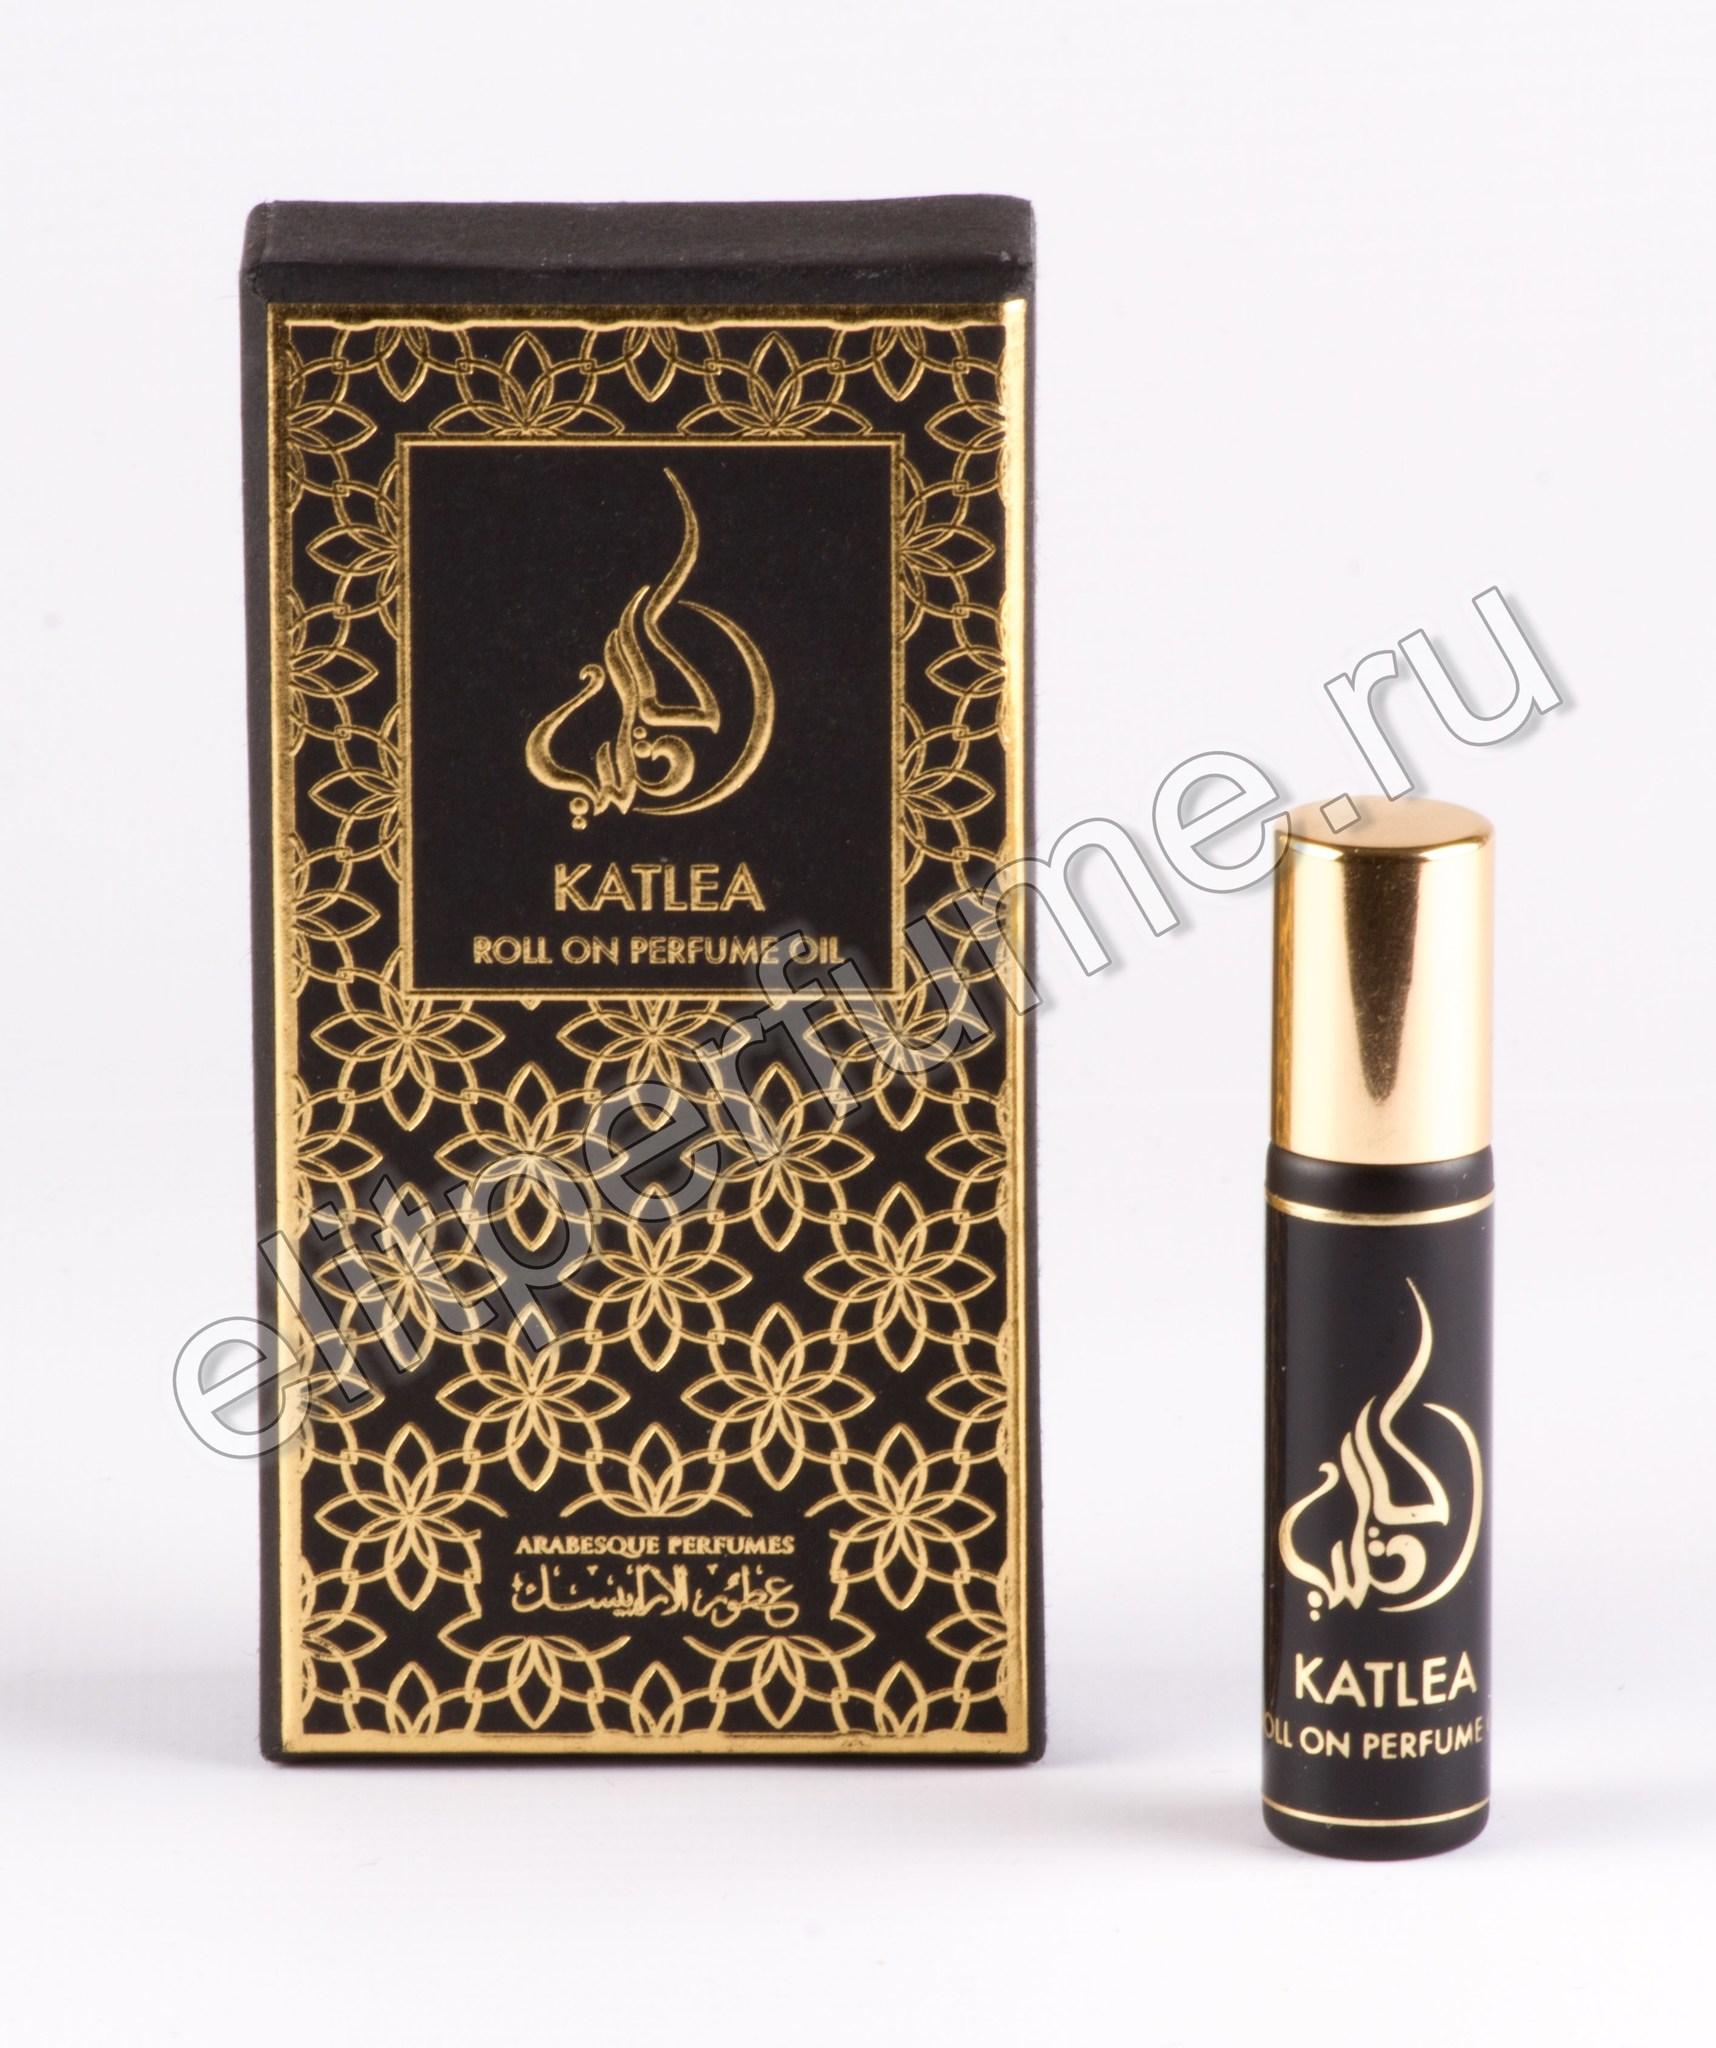 Катлея  Katlea 7 мл арабские масляные духи от Арабеск Парфюм Arabesque Perfumes